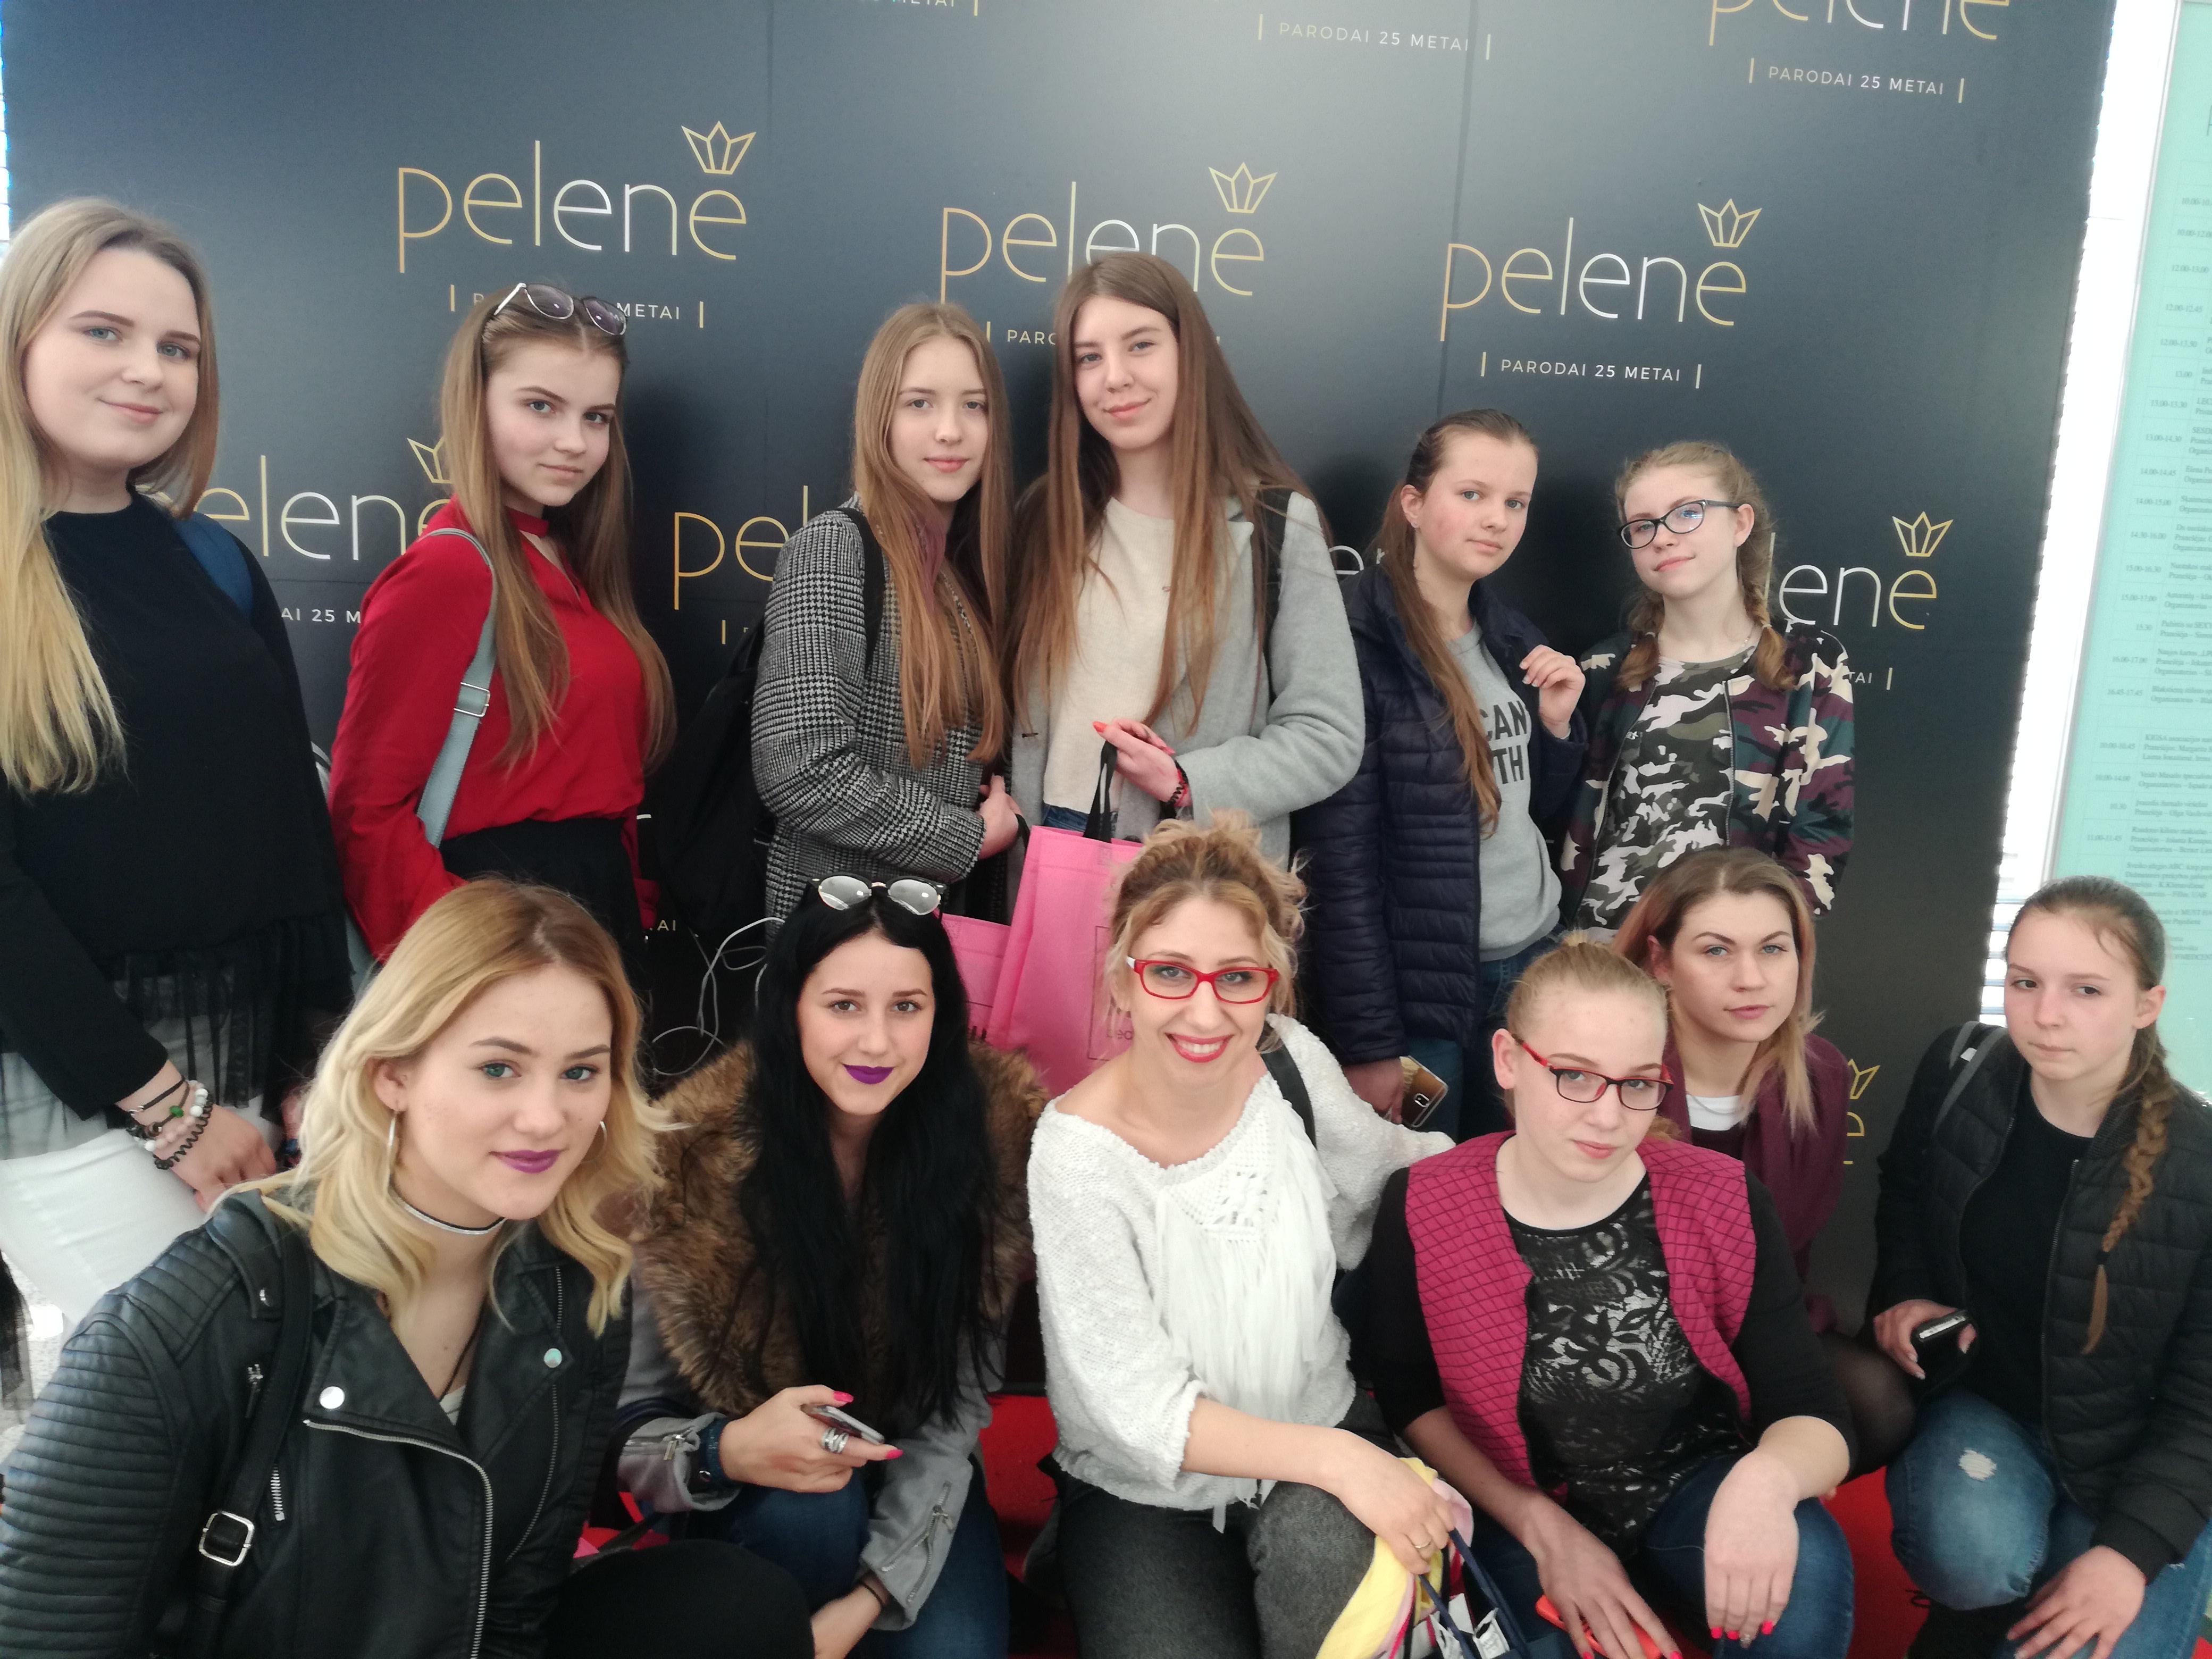 """Grožio ir sveikos gyvensenos studijos """"Femina Laeta"""" išvyka į parodą """"Pelenė 2018"""""""